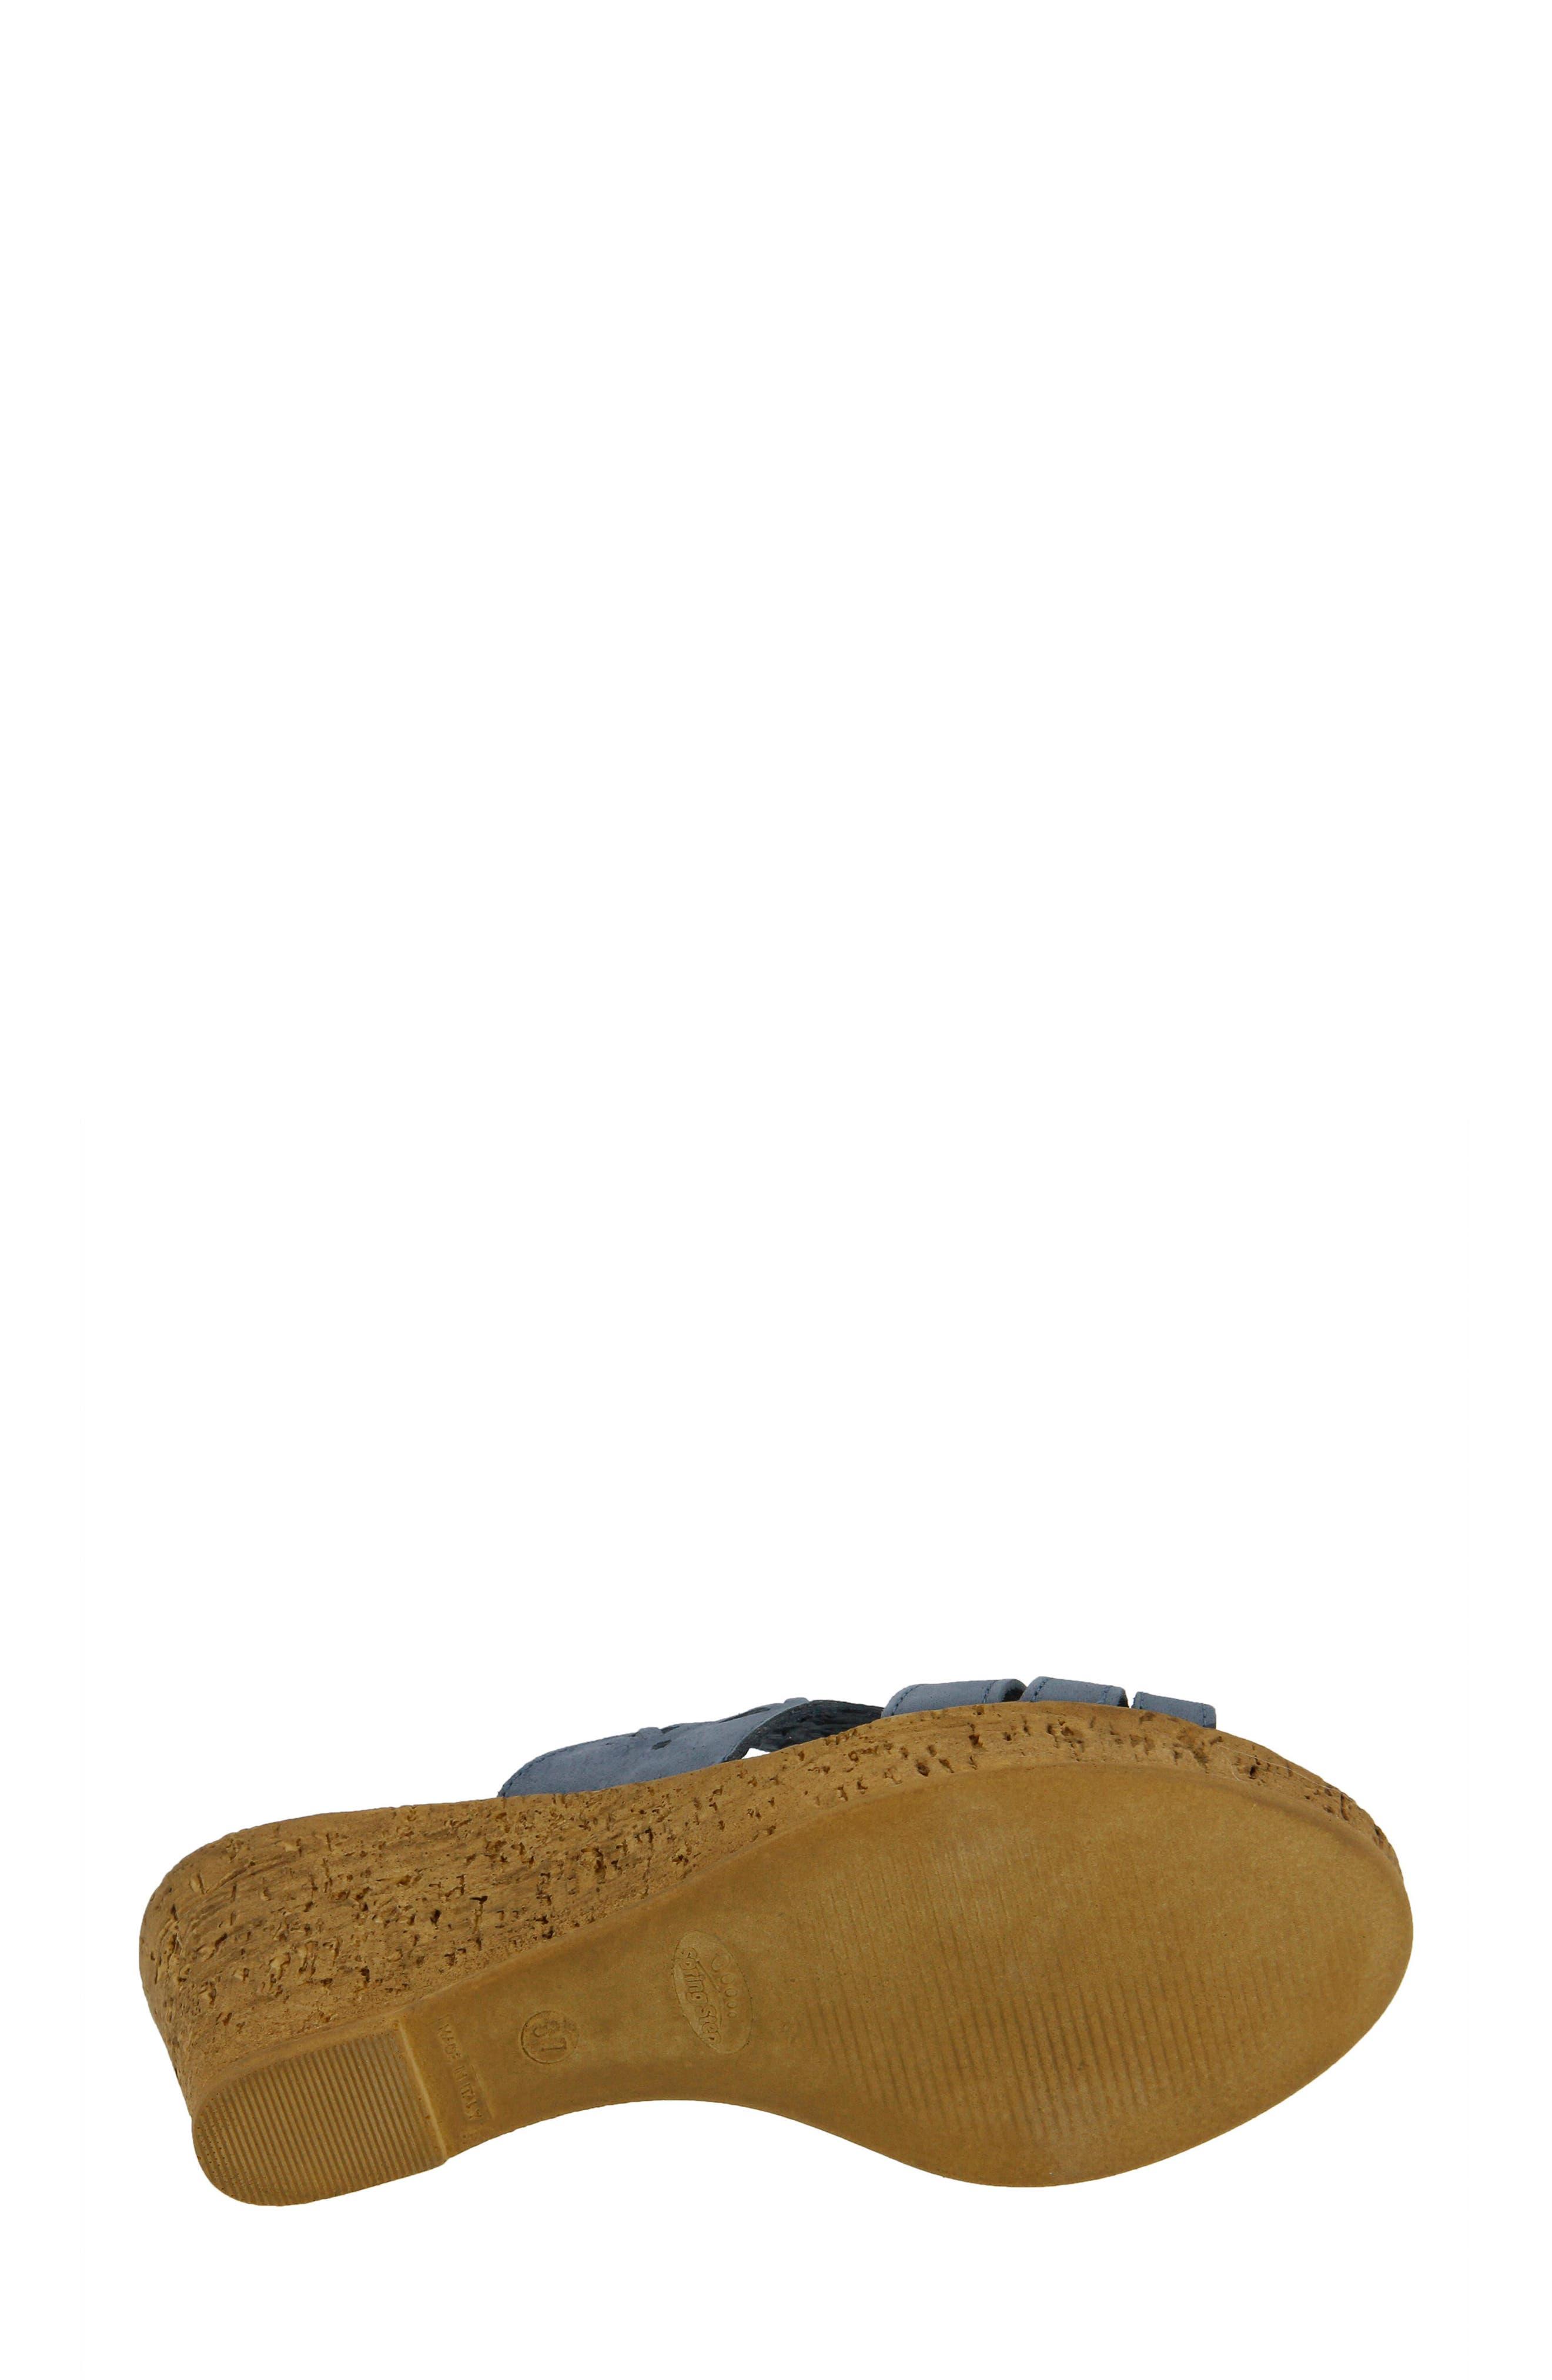 Dora Wedge Sandal,                             Alternate thumbnail 5, color,